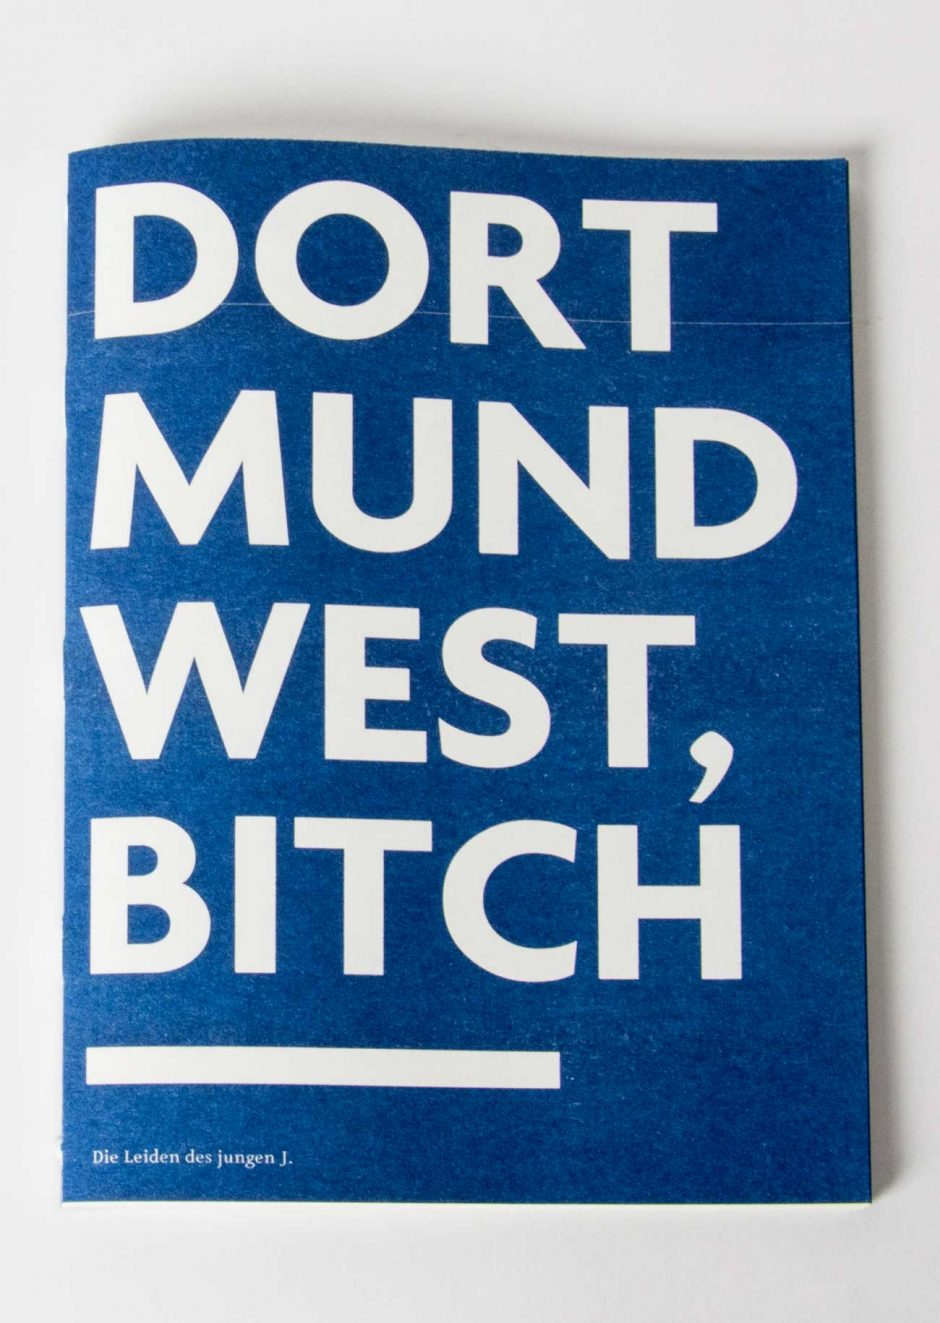 Dortmund West, Bitch